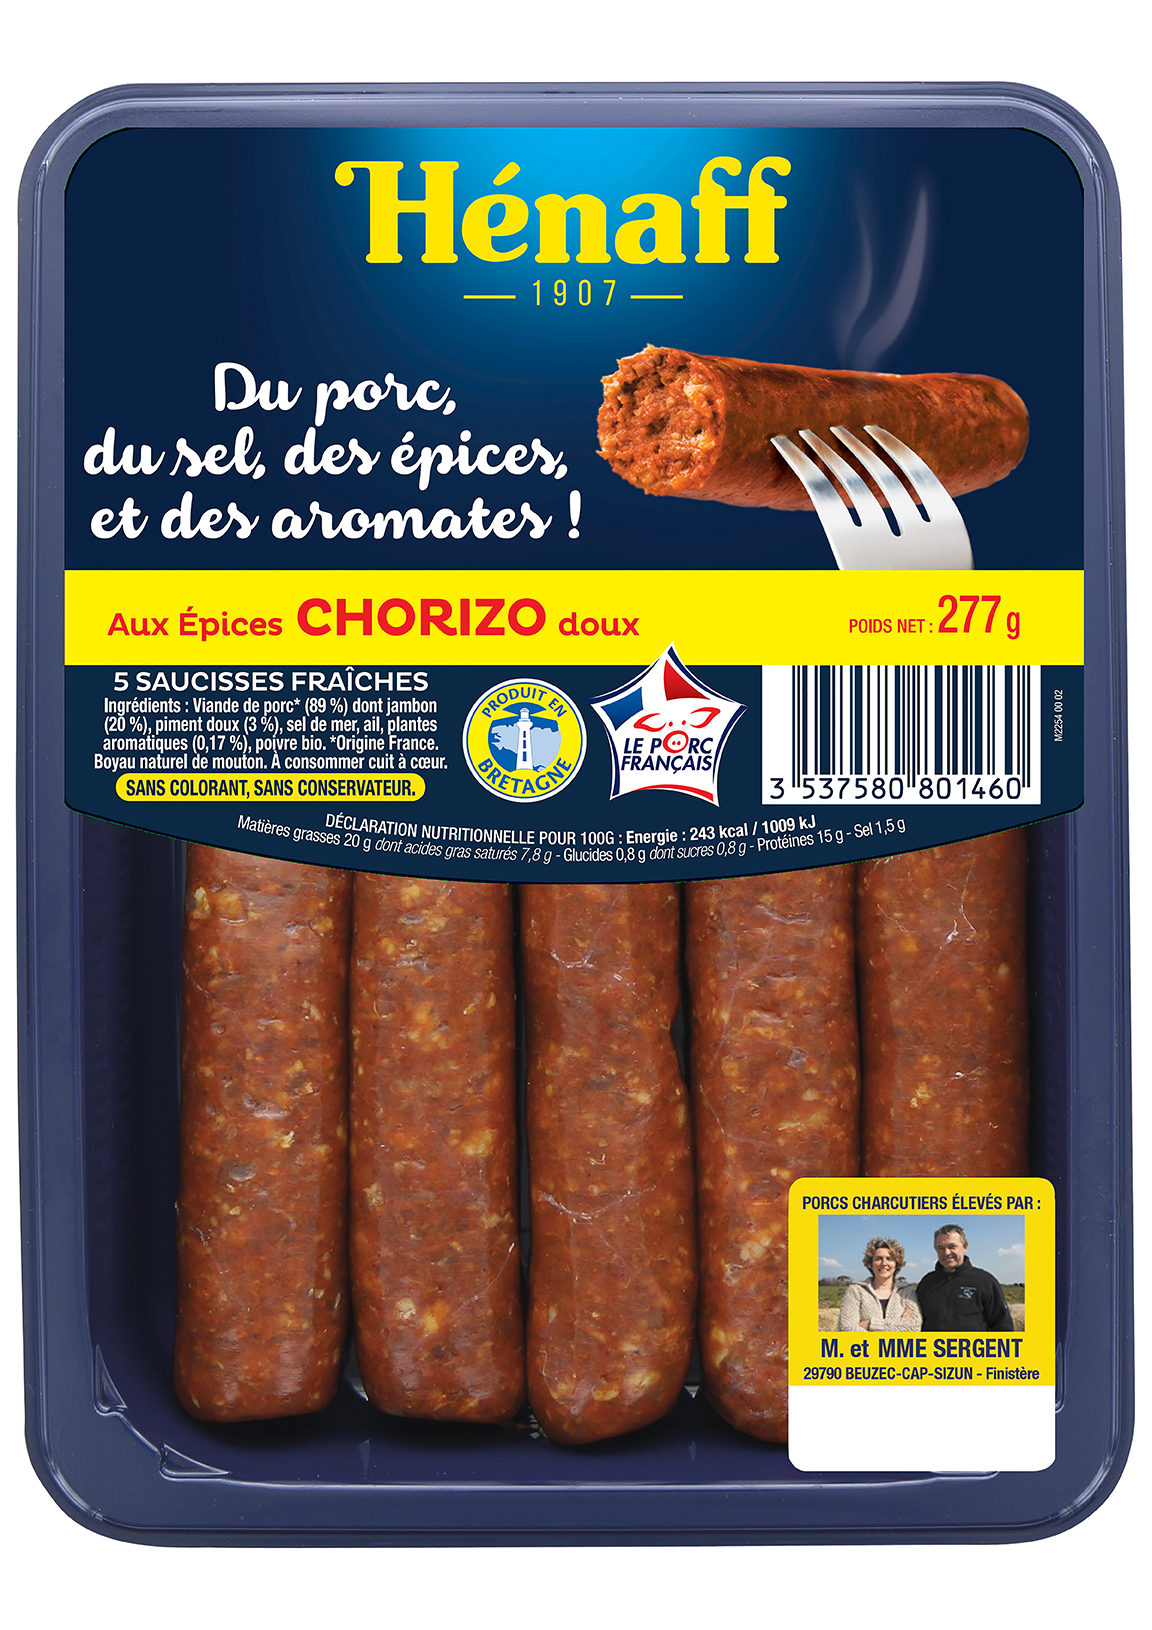 Les Saucisses Hénaff aux épices chorizo doux